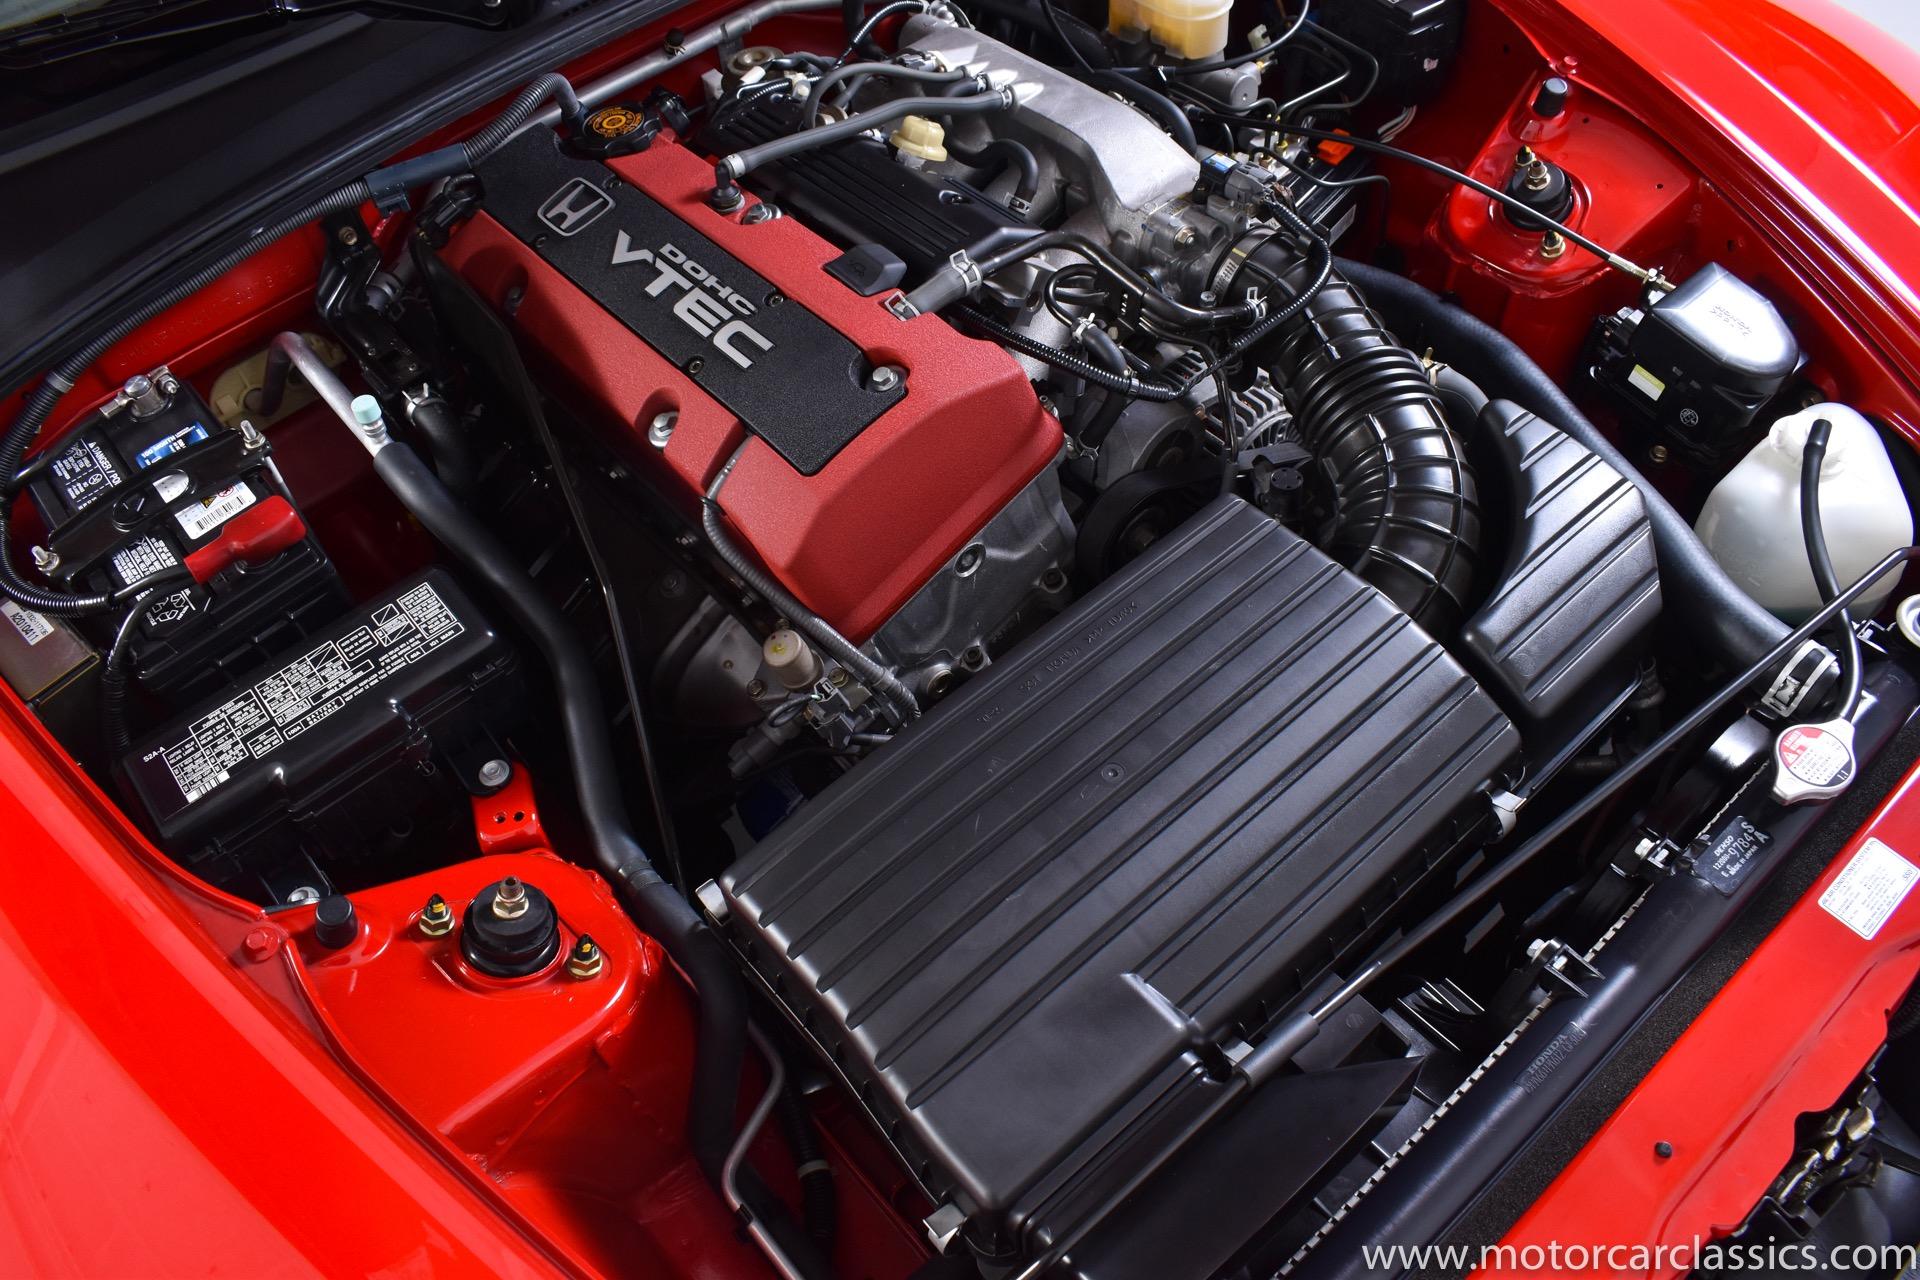 2001 Honda S2000